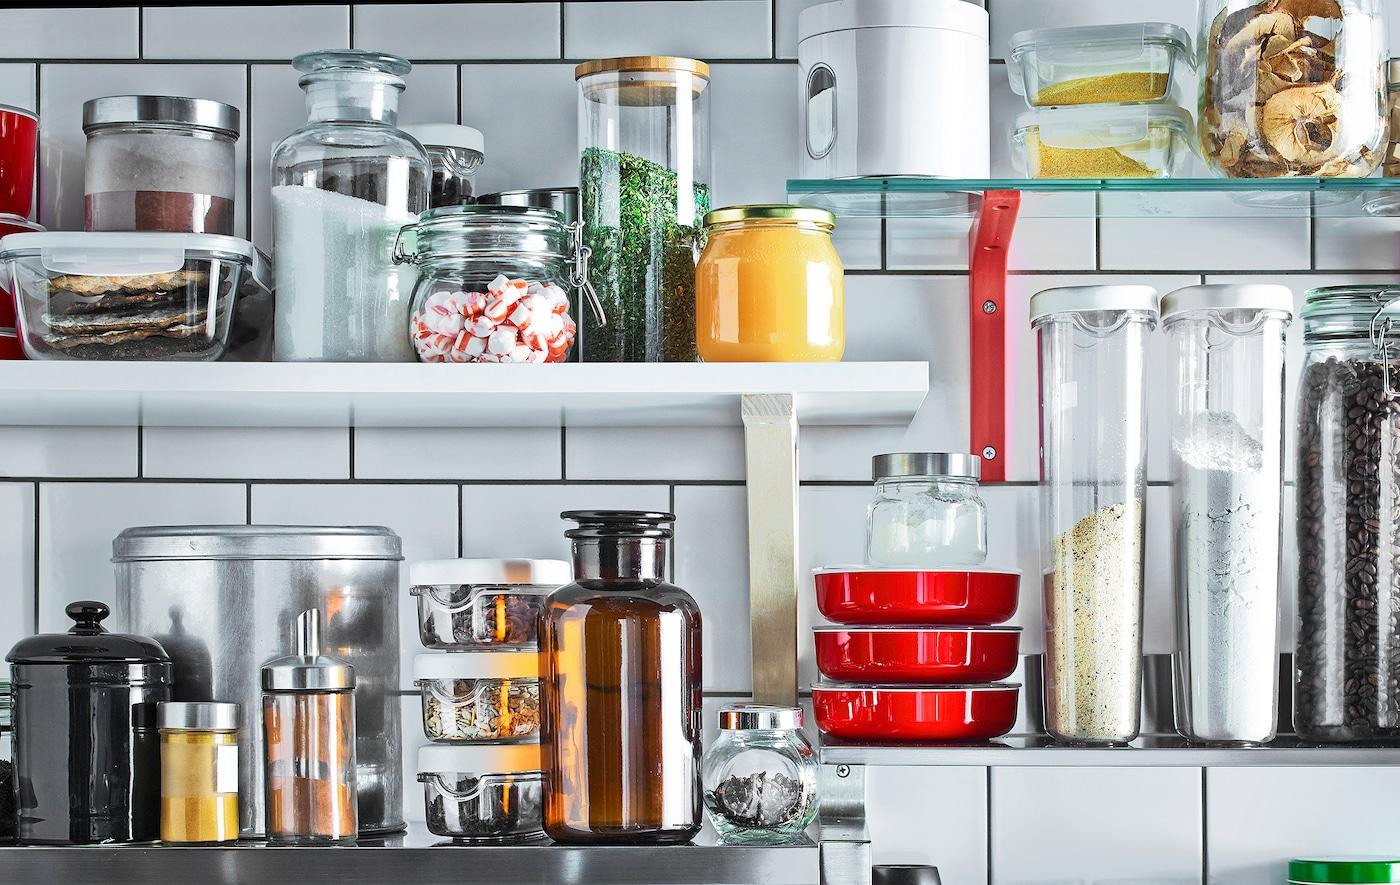 Los estantes de pared montados sobre azulejos blancos almacenan los ingredientes que más se usan de esta cocina en tarros y envases.